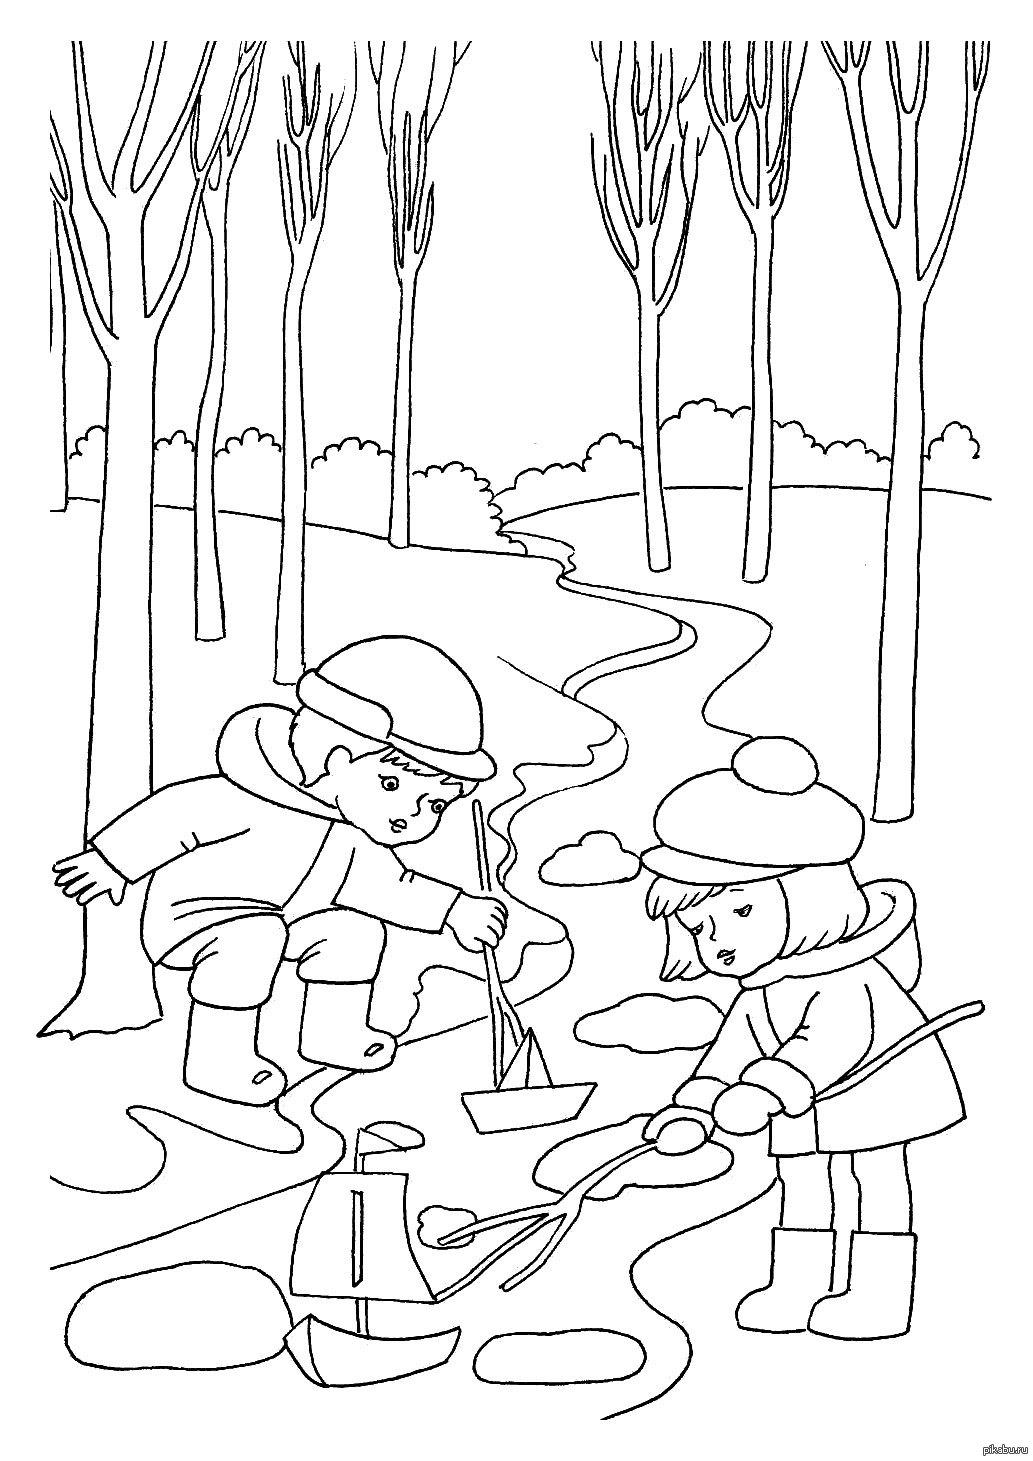 Картинки разных, рисунок о весне 2 класс карандашом